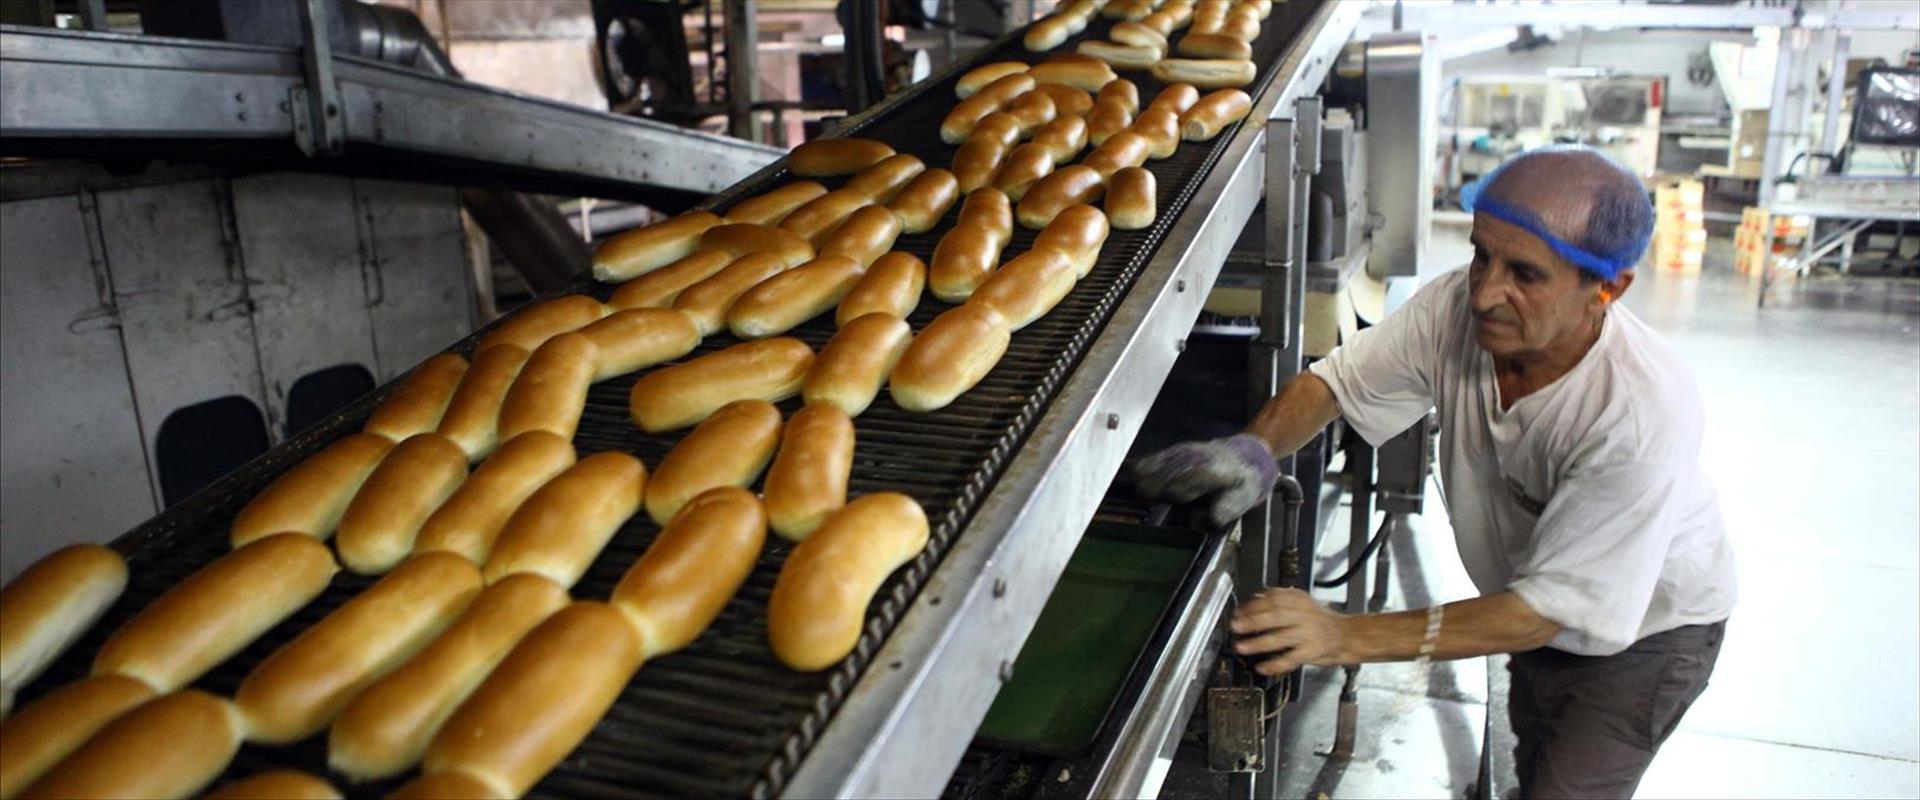 כיכרות לחם